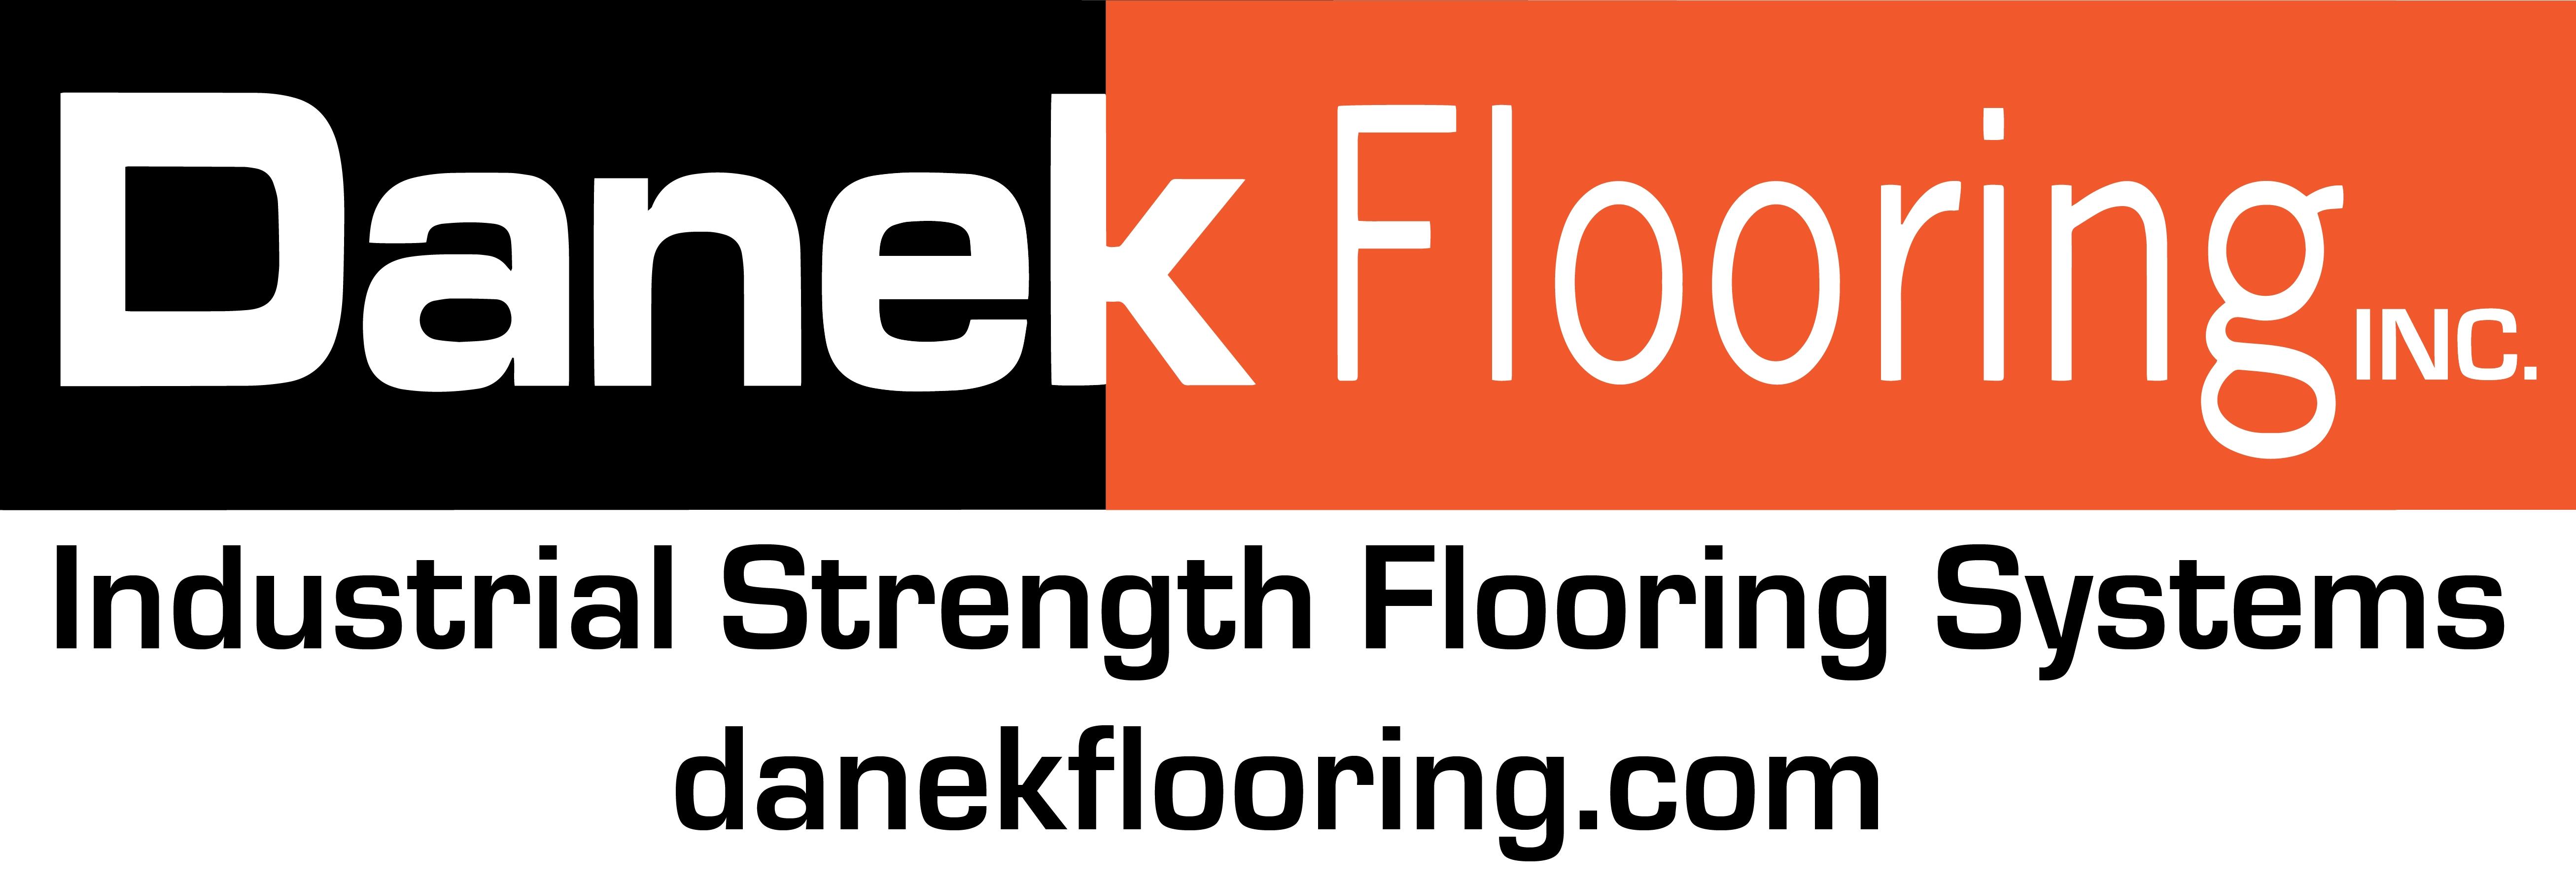 Danek Flooring Inc.